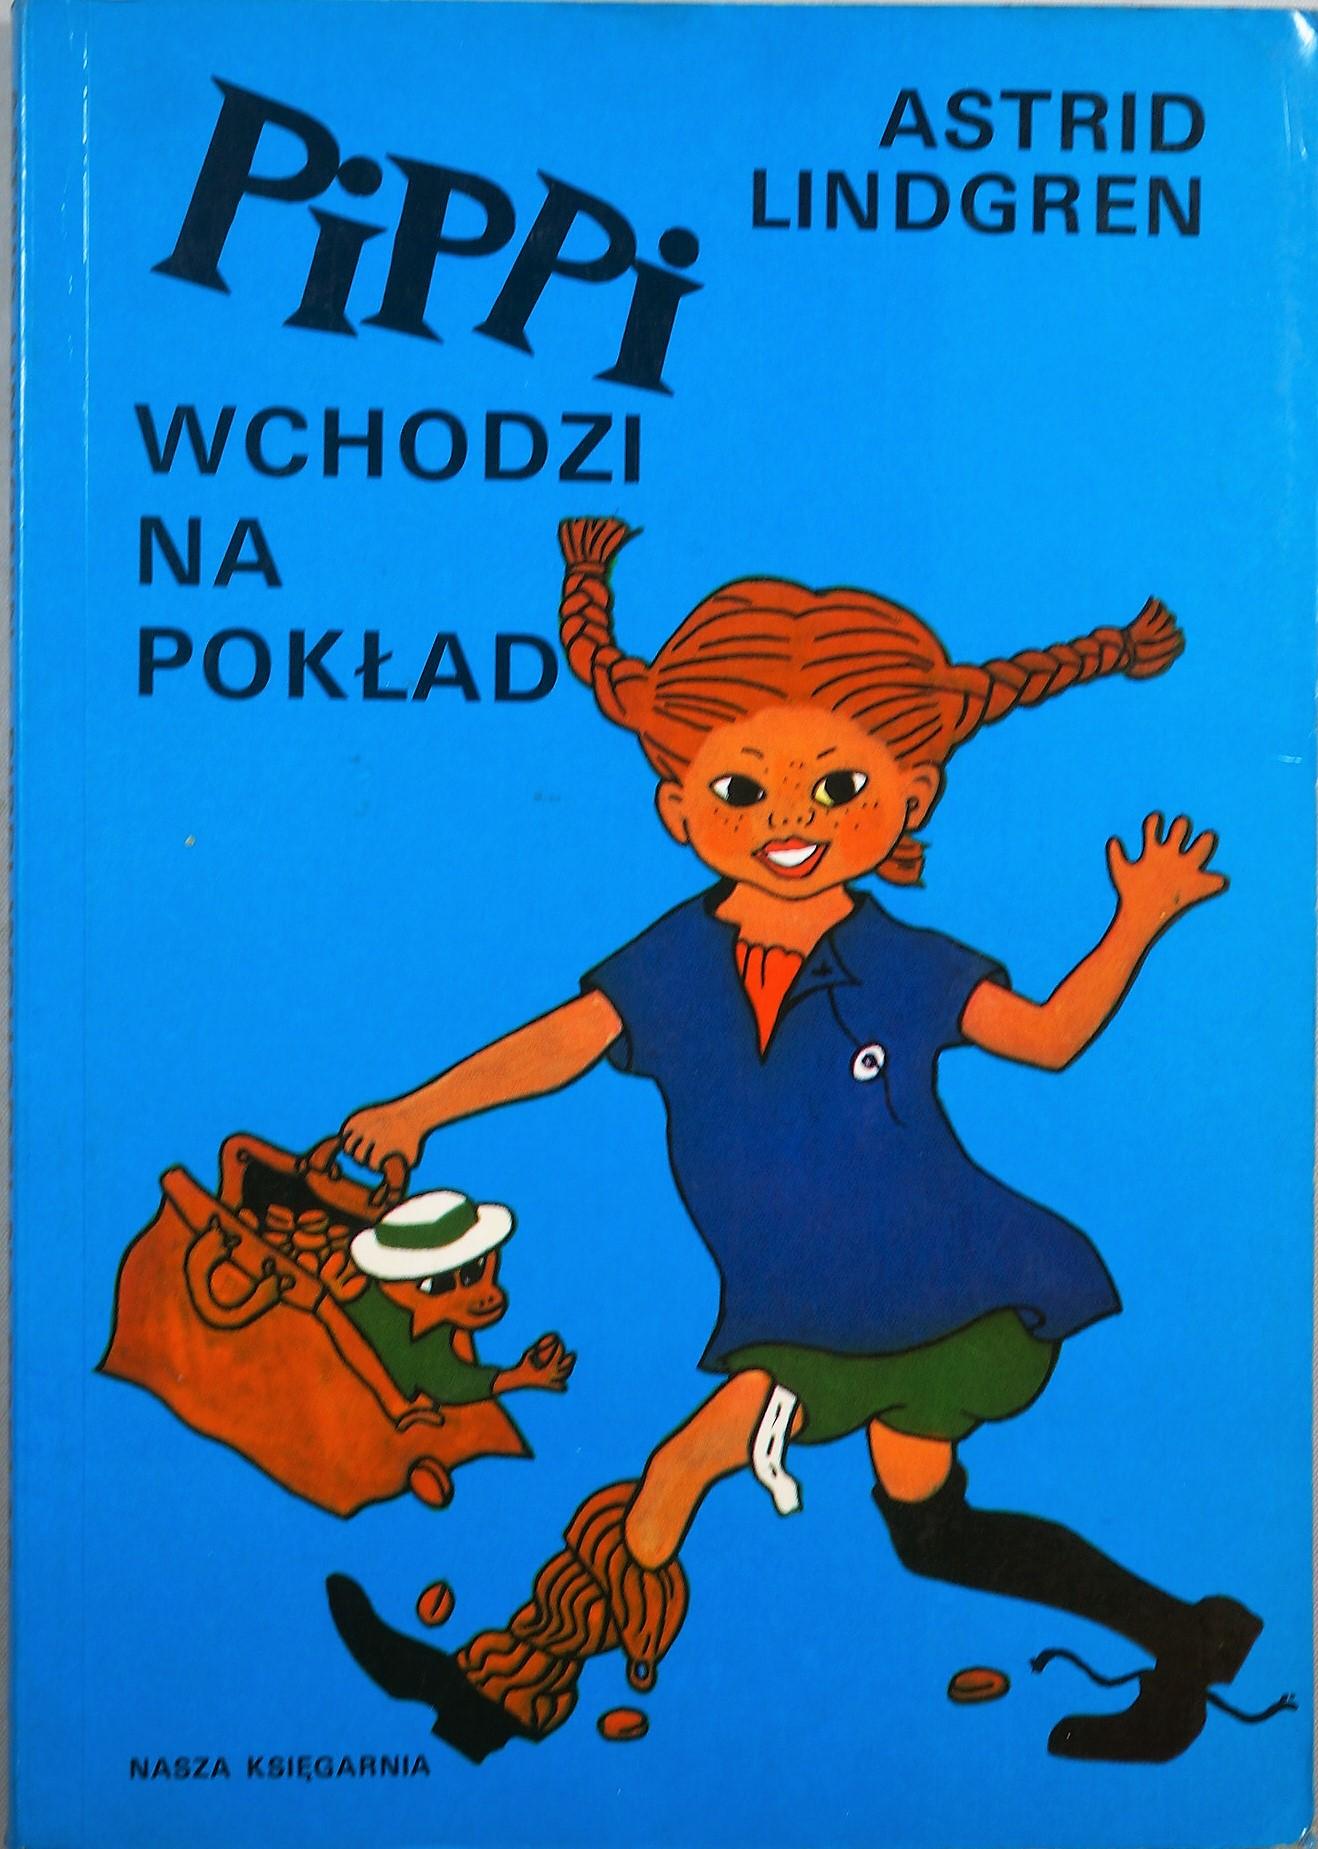 Znalezione obrazy dla zapytania Astrid Lindgren : Pippi wchodzi na pokład